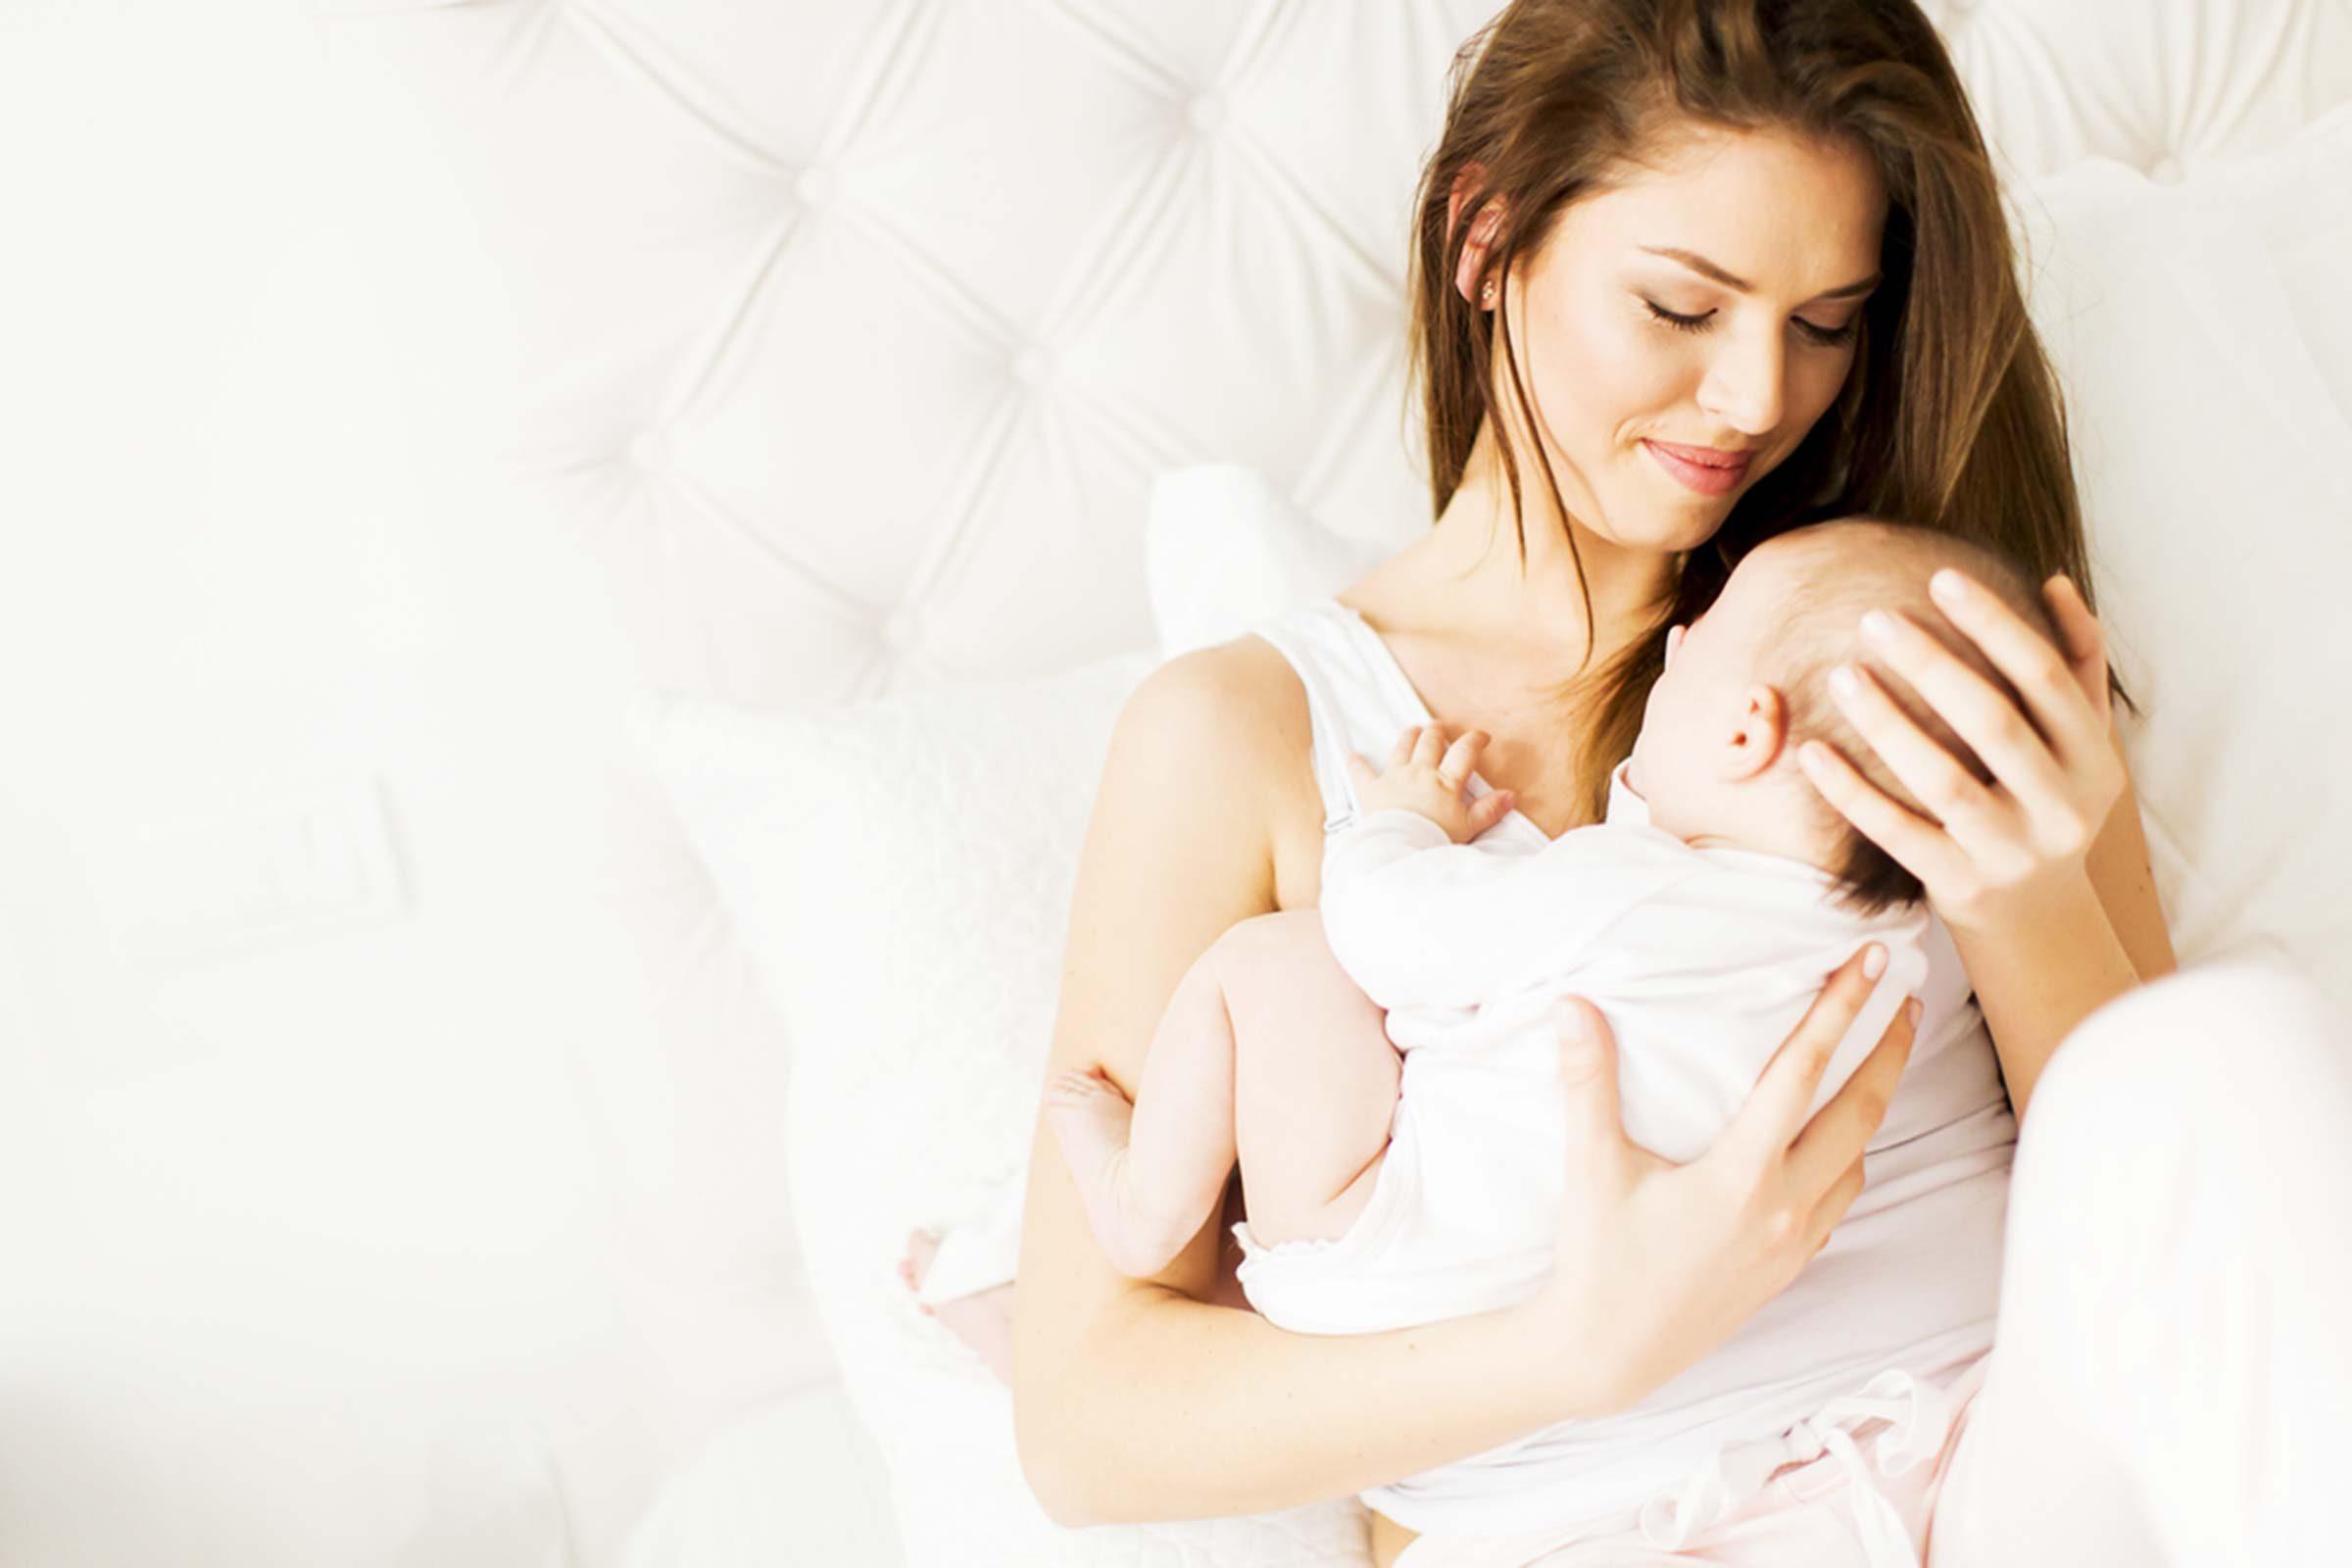 Retour au travail après un congé de maternité, n'oubliez pas vos besoins